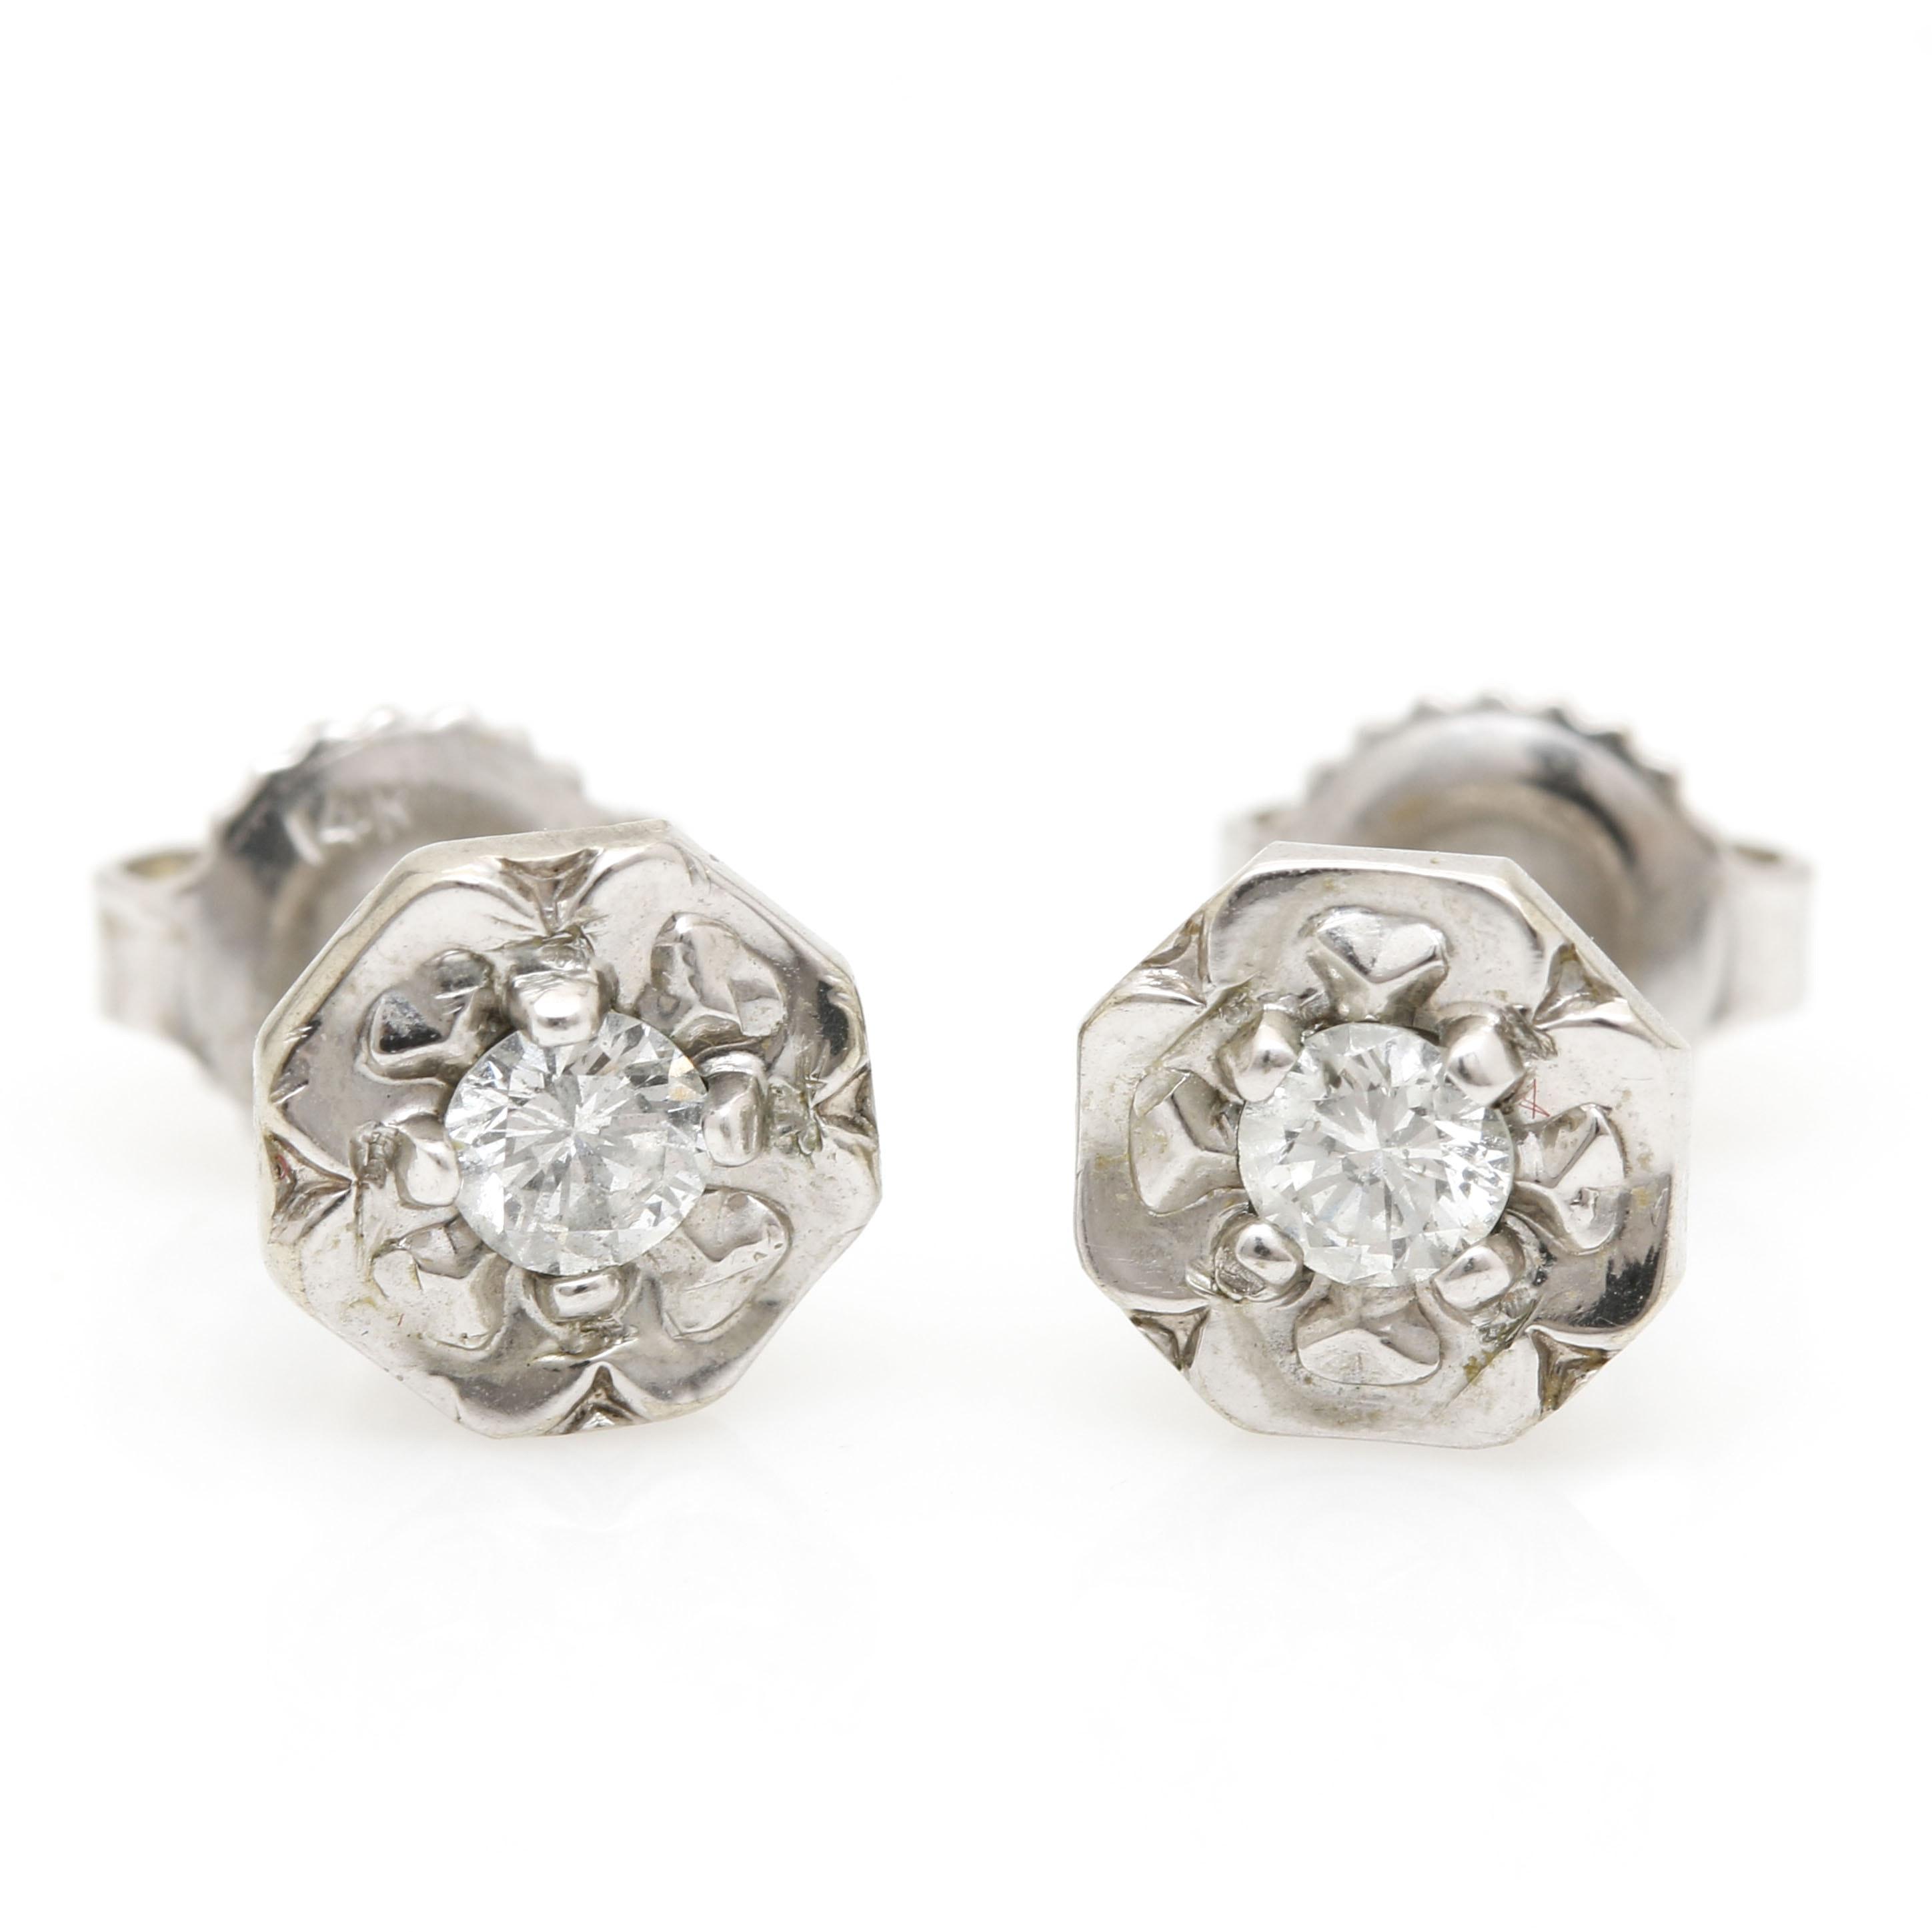 10K White Gold Diamond Flower Earrings